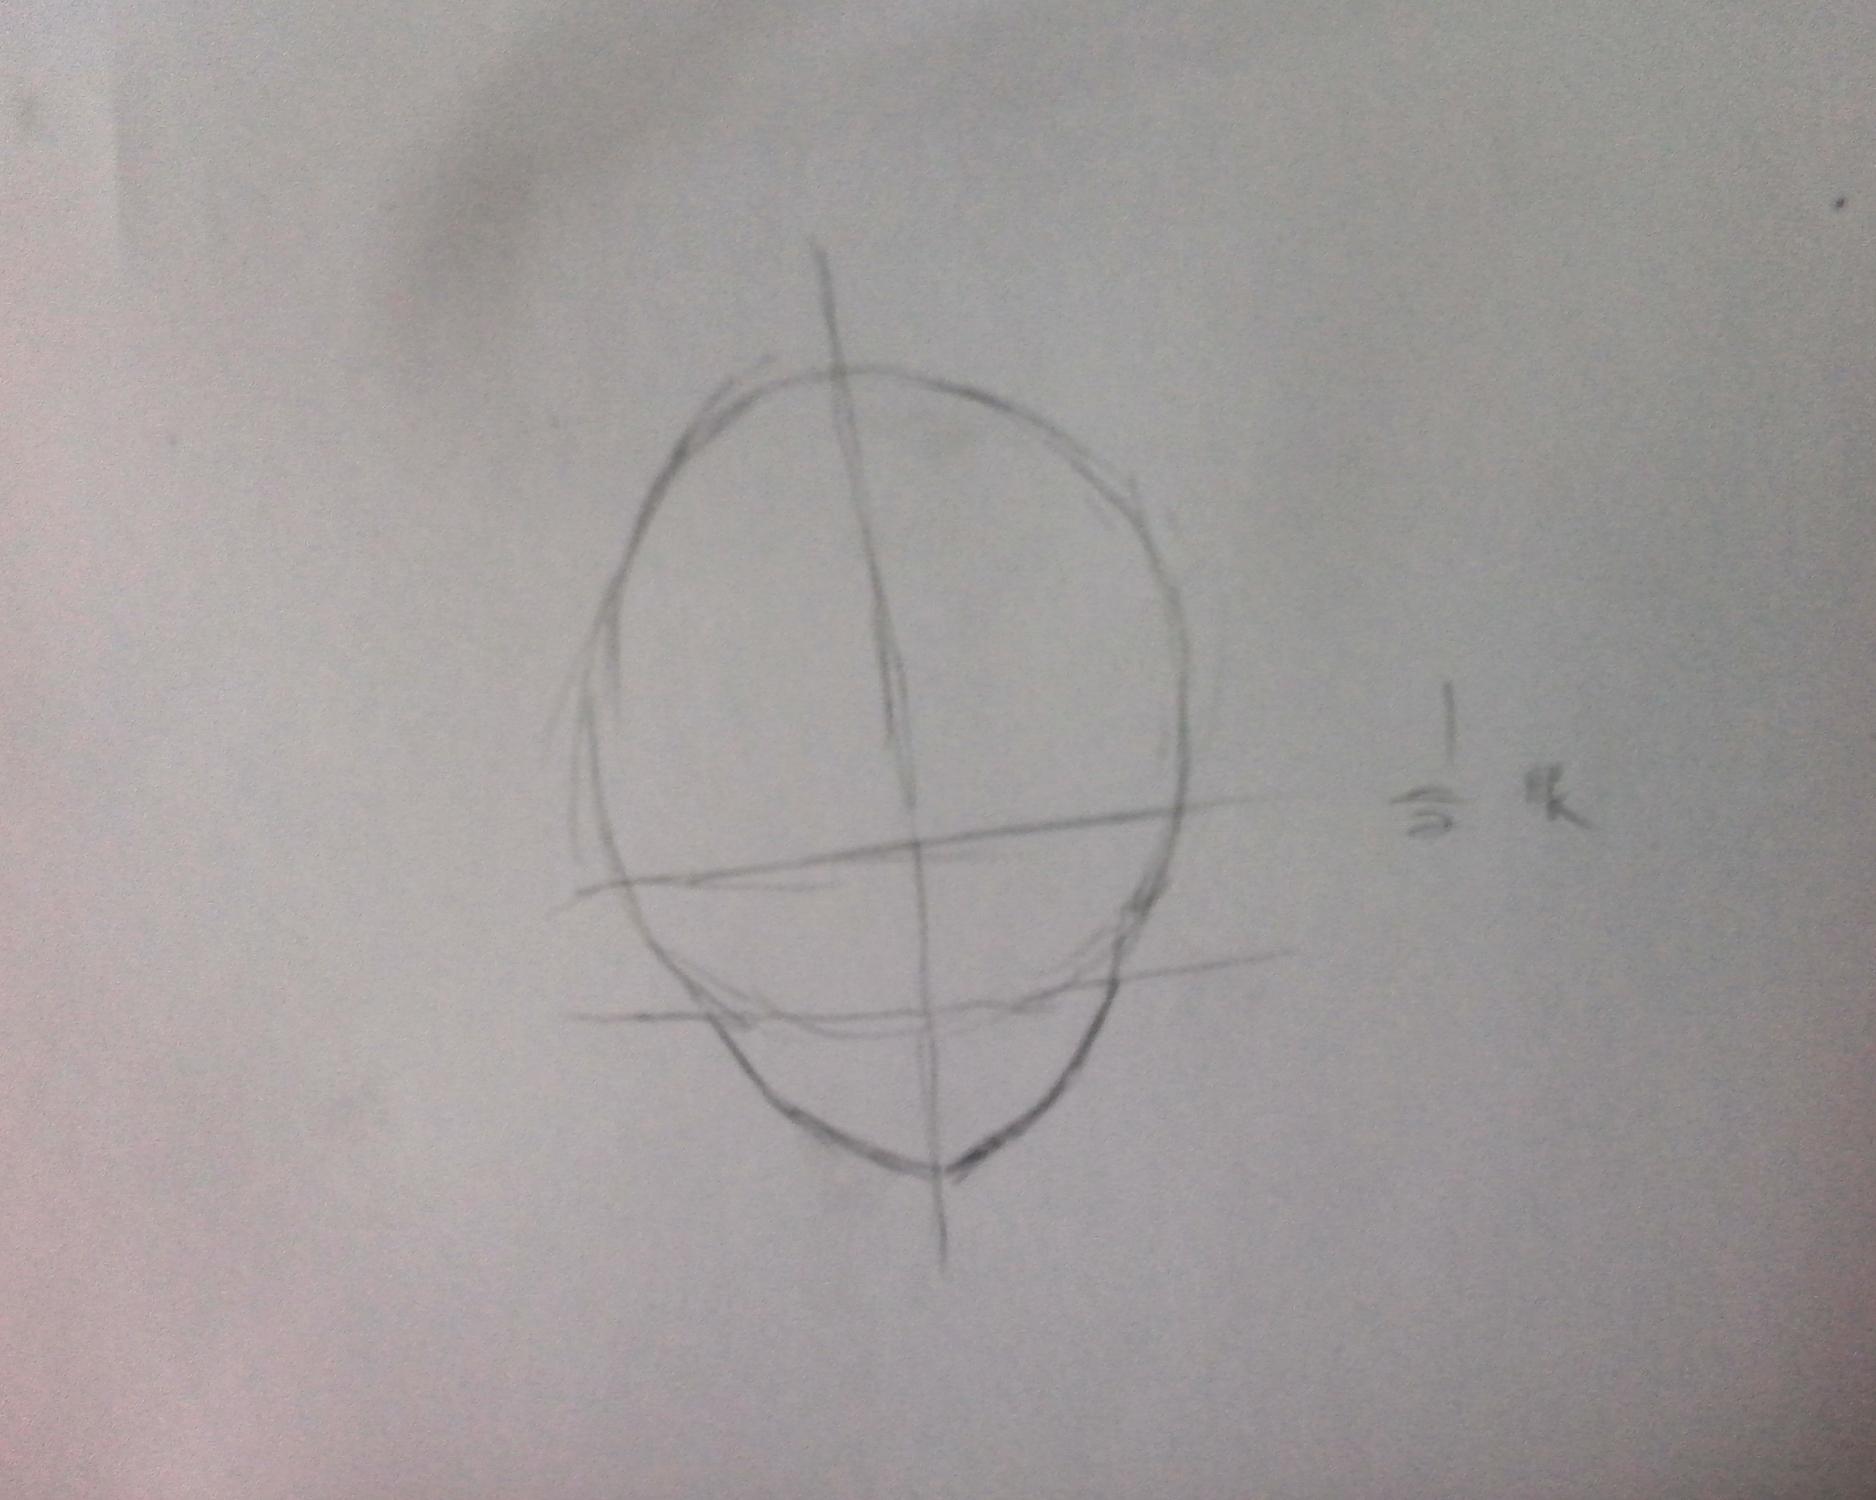 根据十字画脸---先画一个圆,找准鼻子和下巴的位置划一道线,之后连接